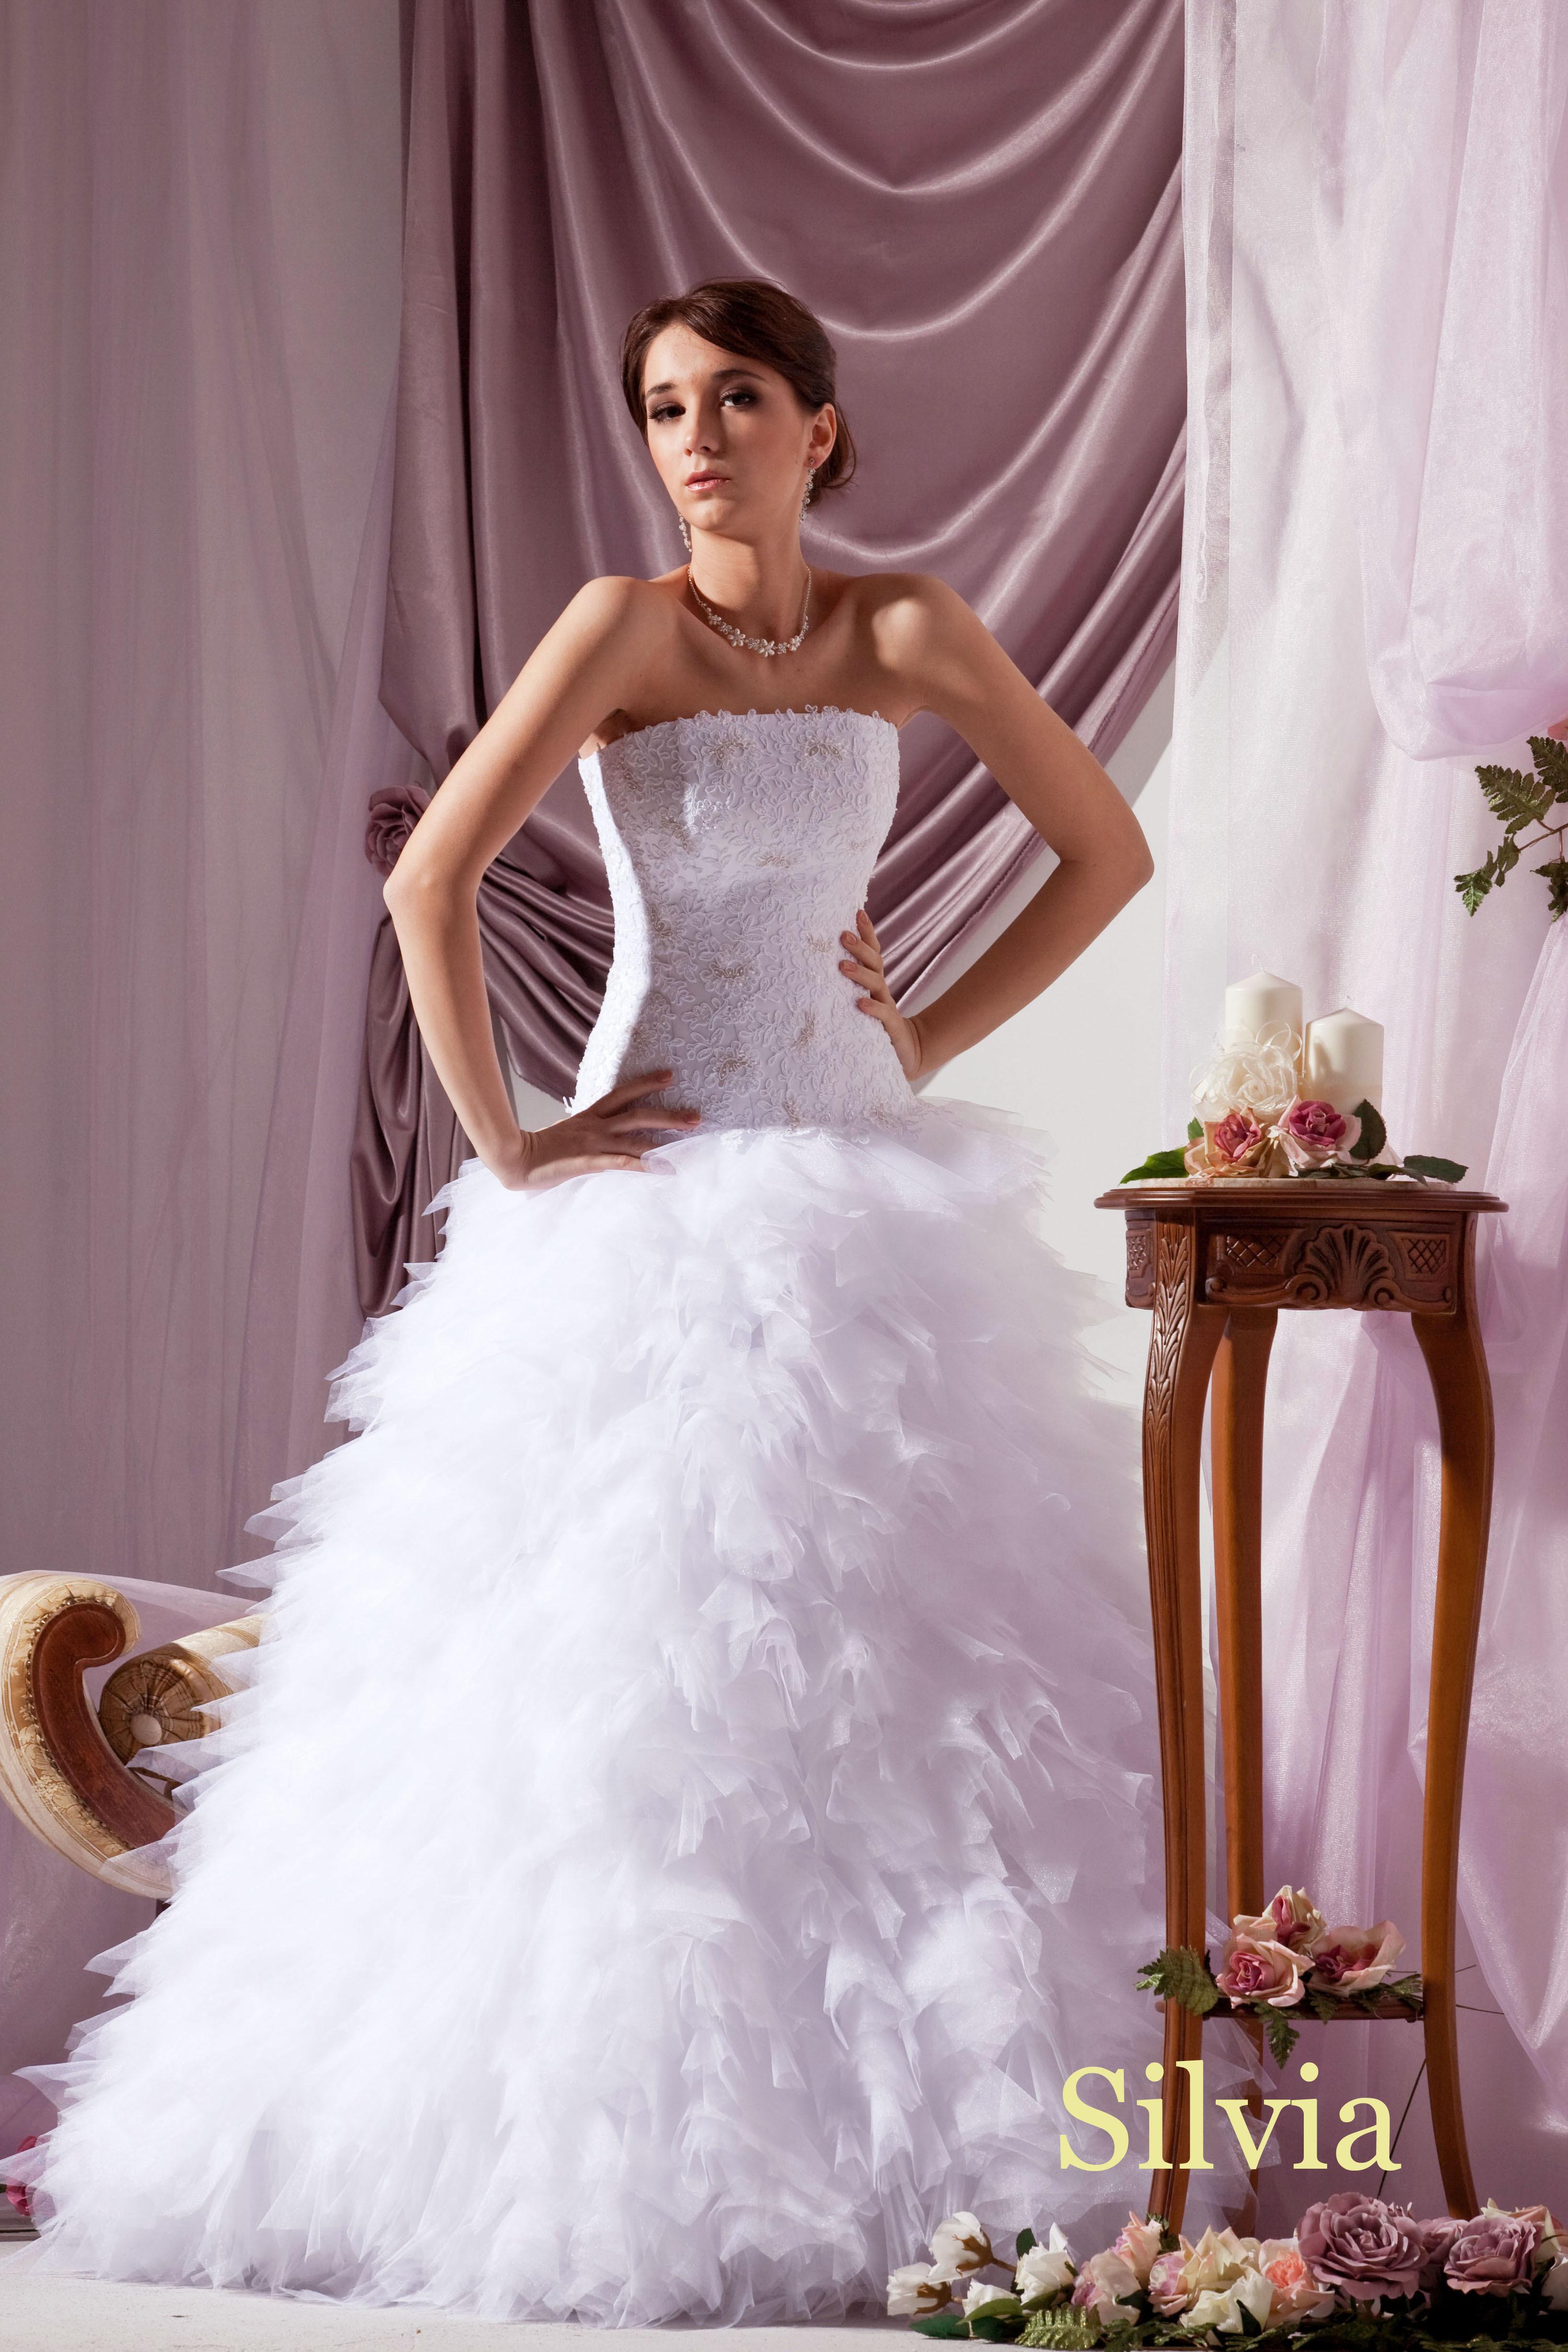 Каталог свадебных салонов в Сургуте и интернет-магазинов свадебных платьев и аксессуаров к ним. Посмотрите фотографии платьев, цены и отзывы